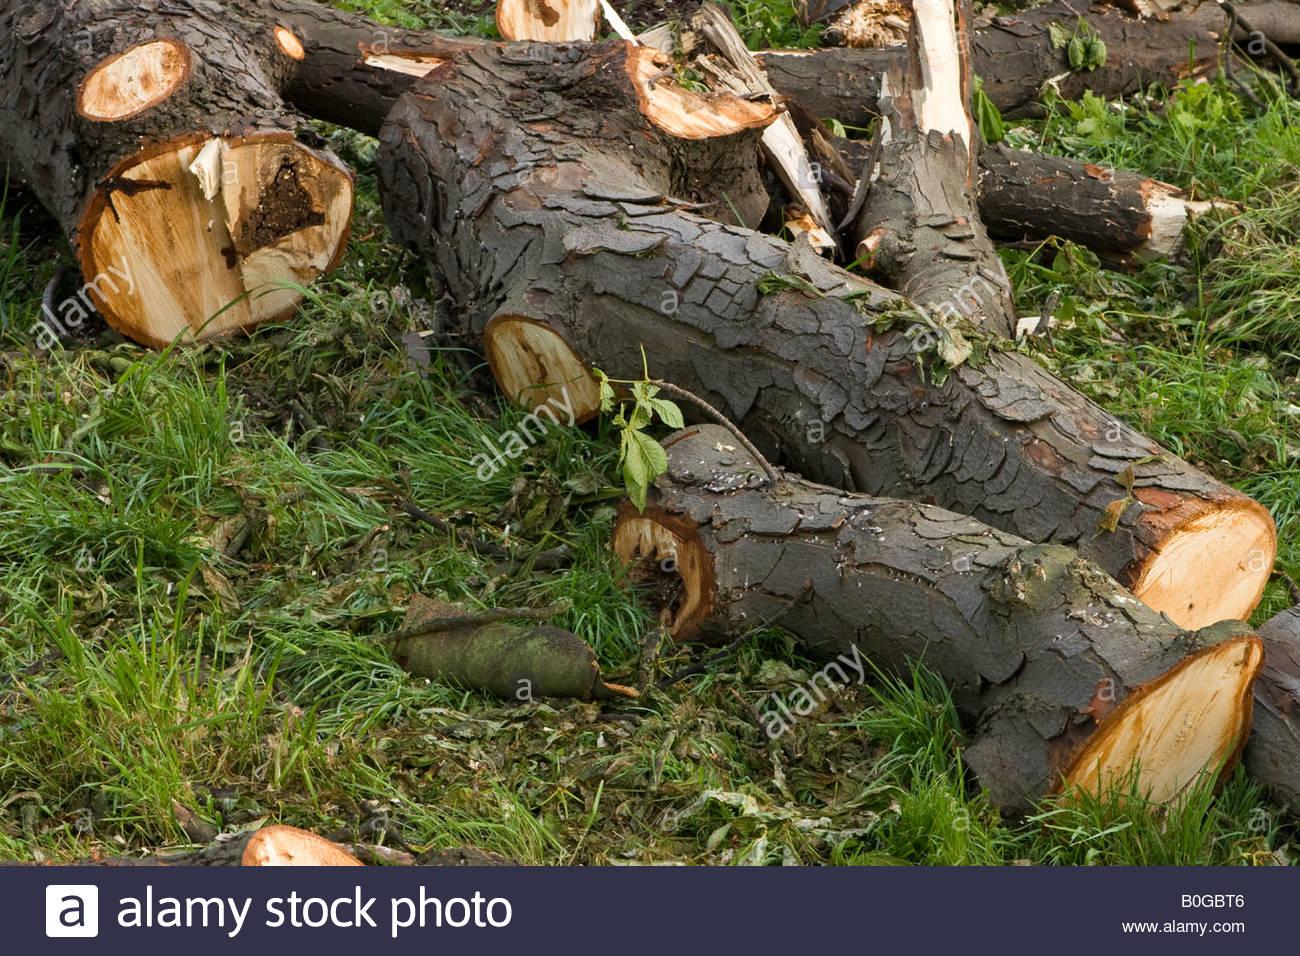 Diseased horse chestnuts (Aesculus hippocastranum), UK. - Stock Image